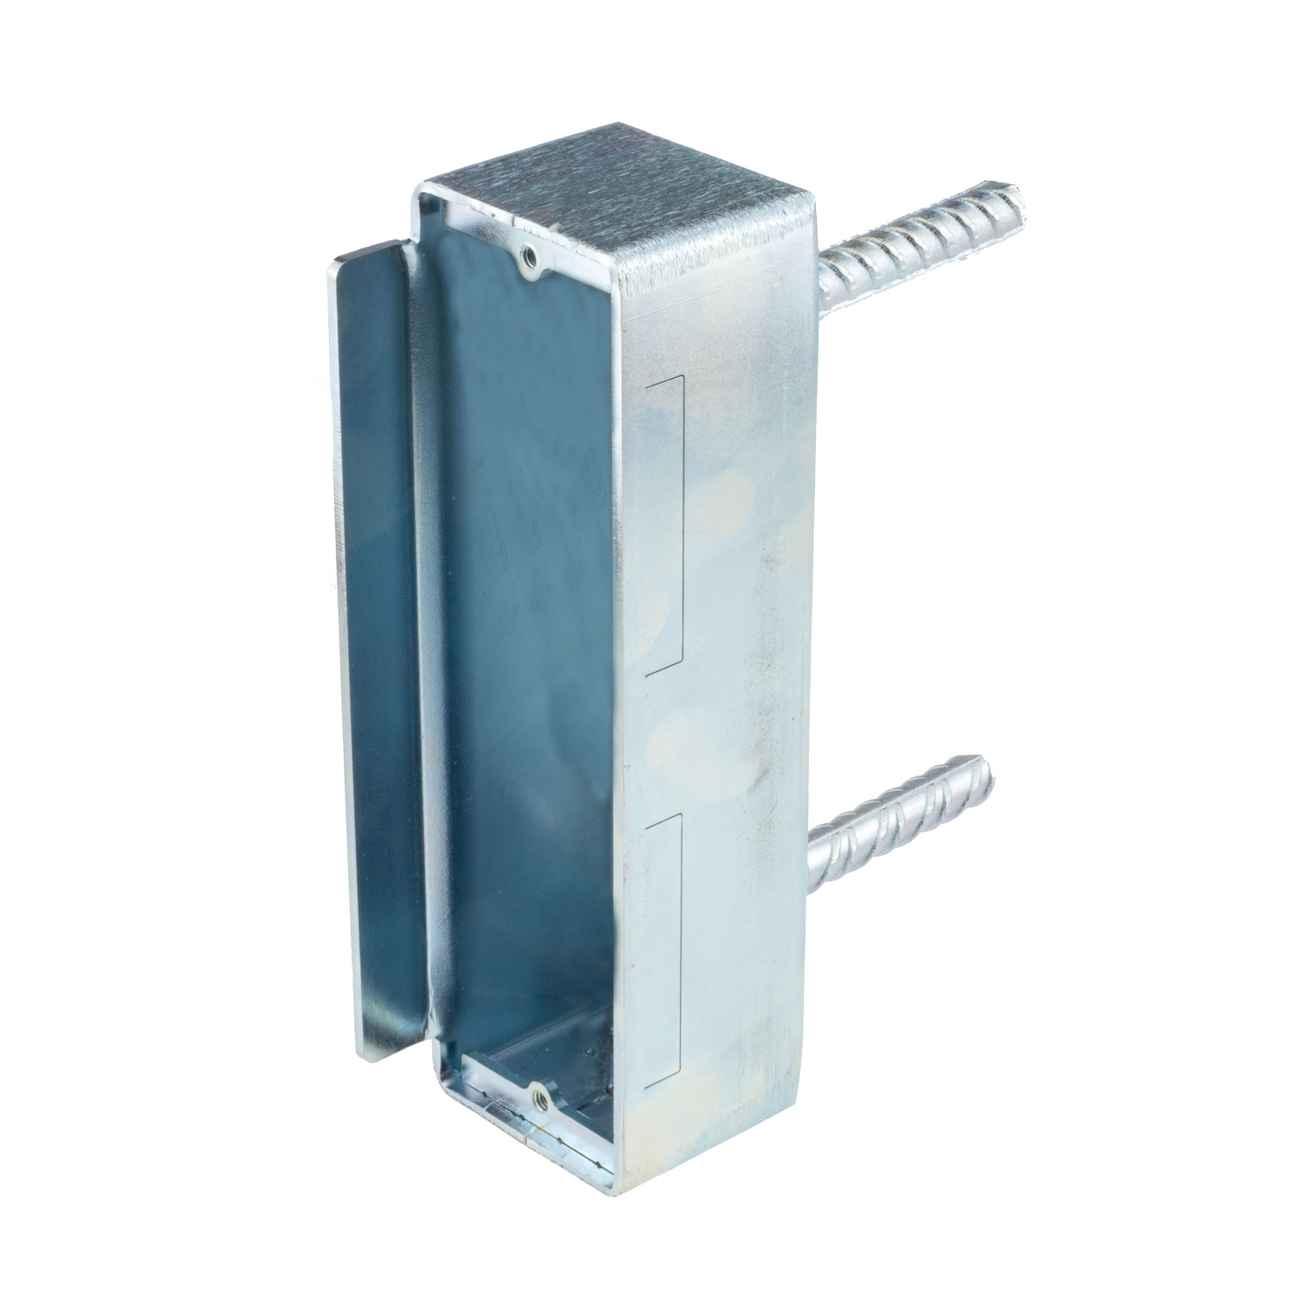 Wandgegenkasten für Metalltore mit 50mm Rohr Gegenschlosskasten – Bild 3